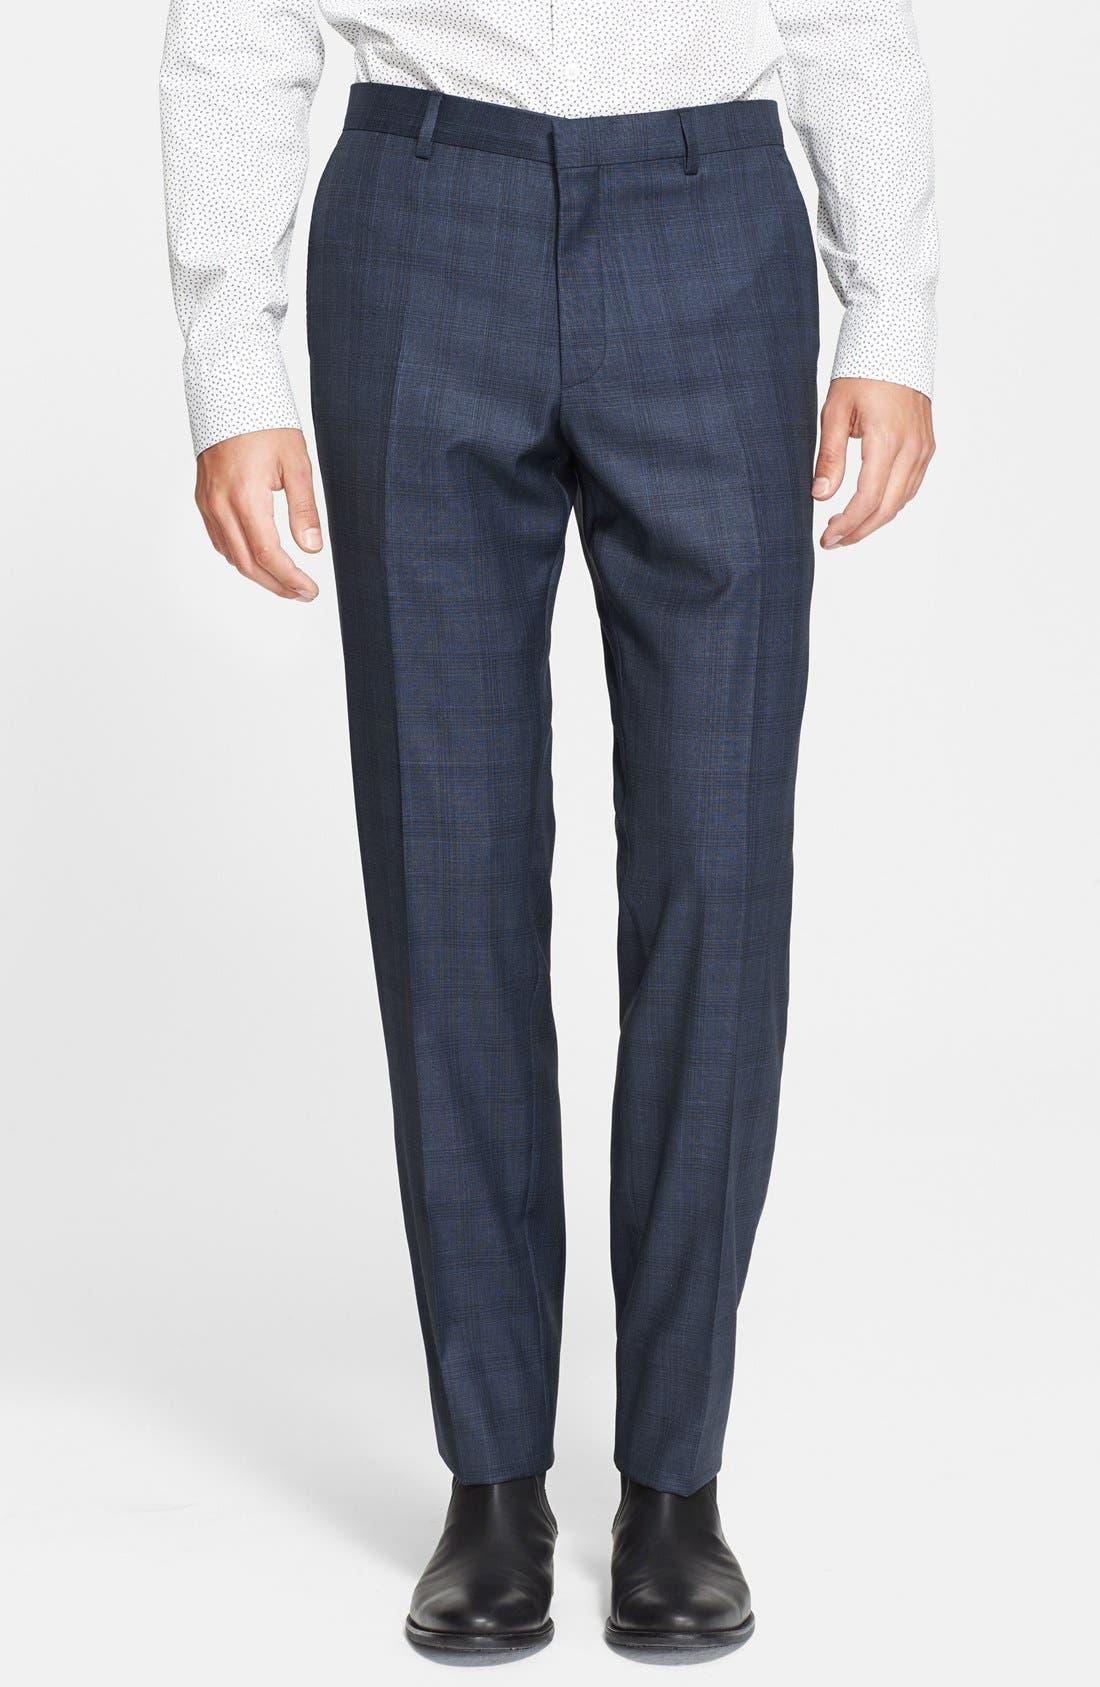 'Byard' Trim Fit Plaid Suit,                             Alternate thumbnail 6, color,                             414